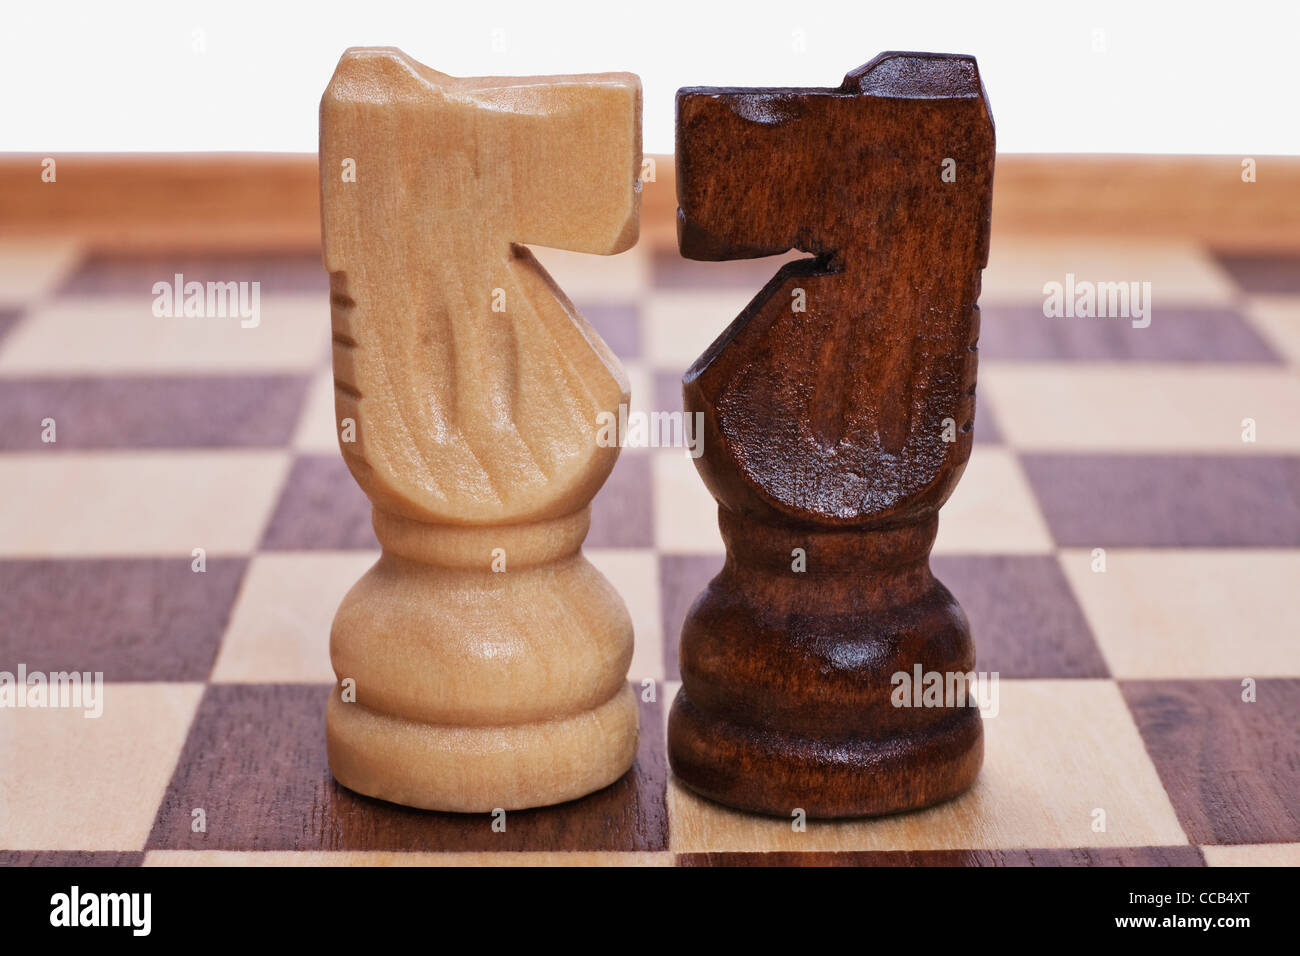 Una scacchiera, su di esso sono un bianco e un cavallo nero controparte Immagini Stock